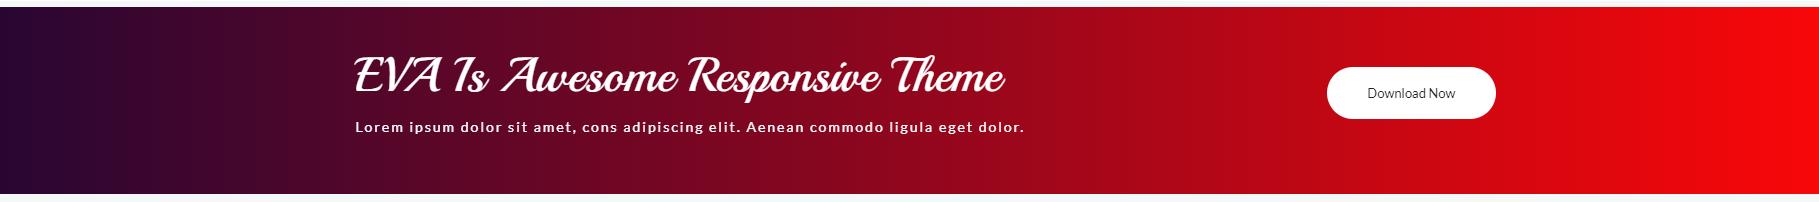 Eva theme